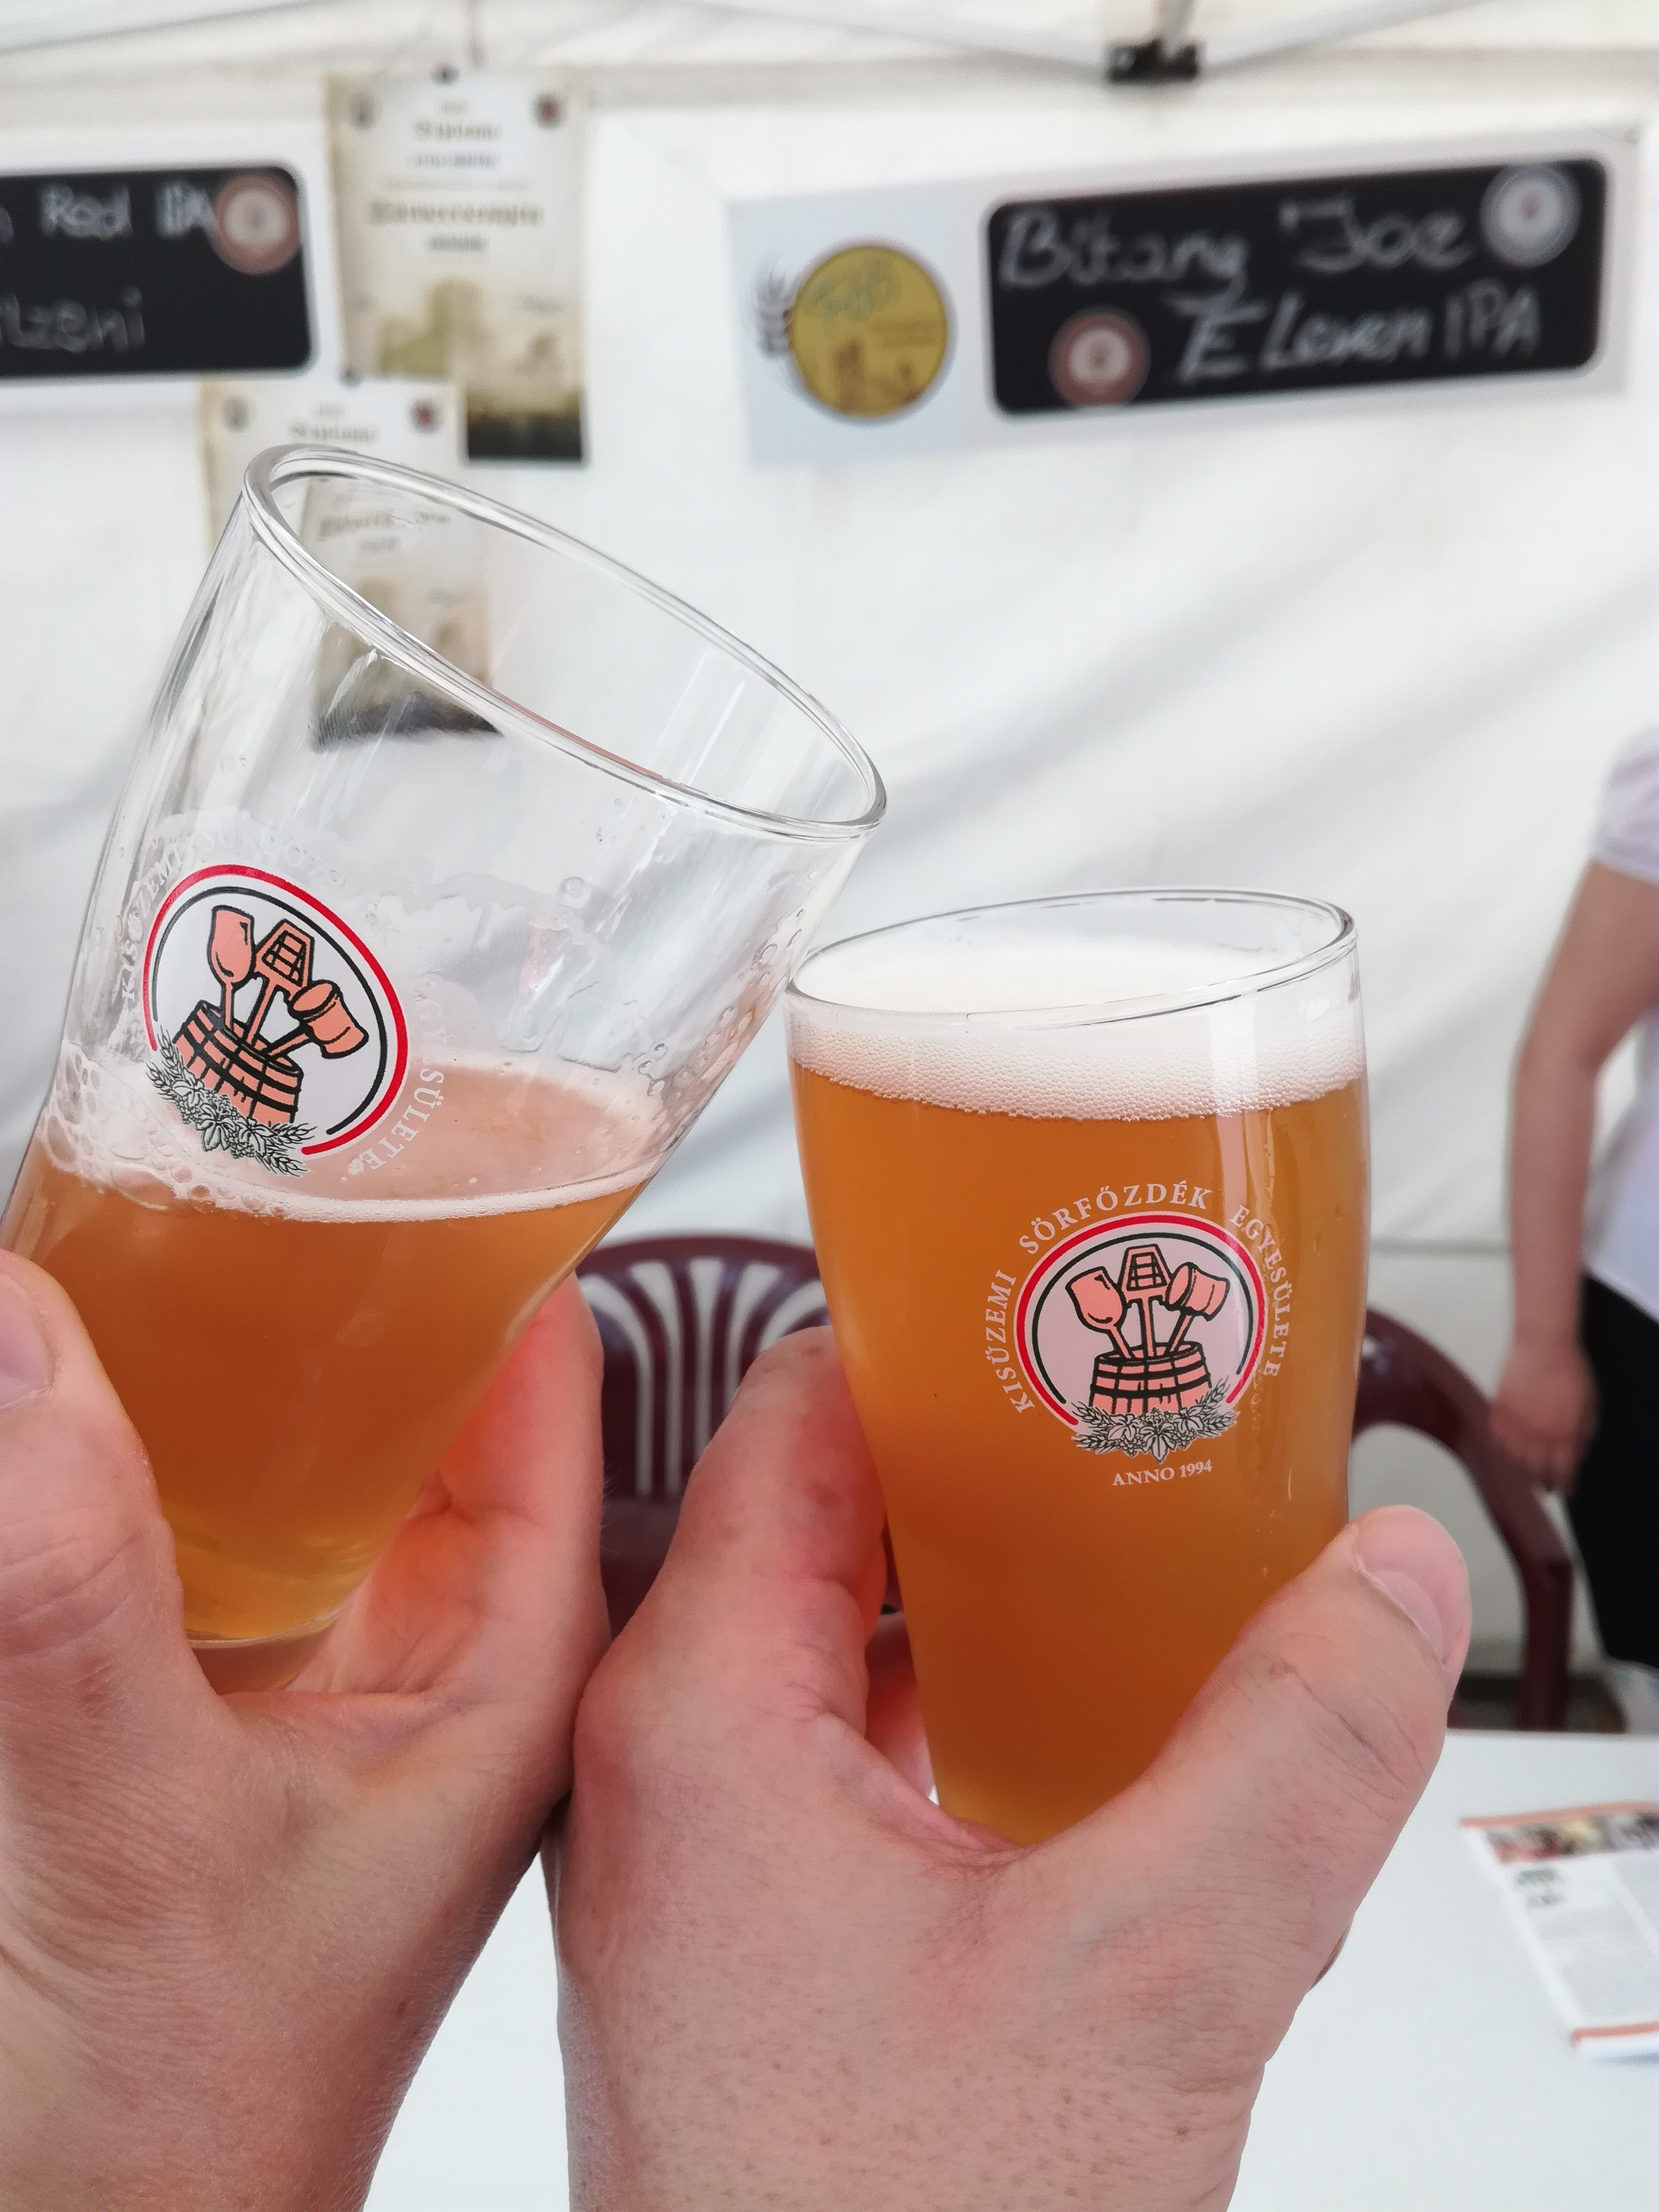 A legjobb sör nekem a Bitang Joe és aztán az Eleven ipa volt. Kerestem, de nem volt párja a fesztiválon. Aztán el is fogyott.